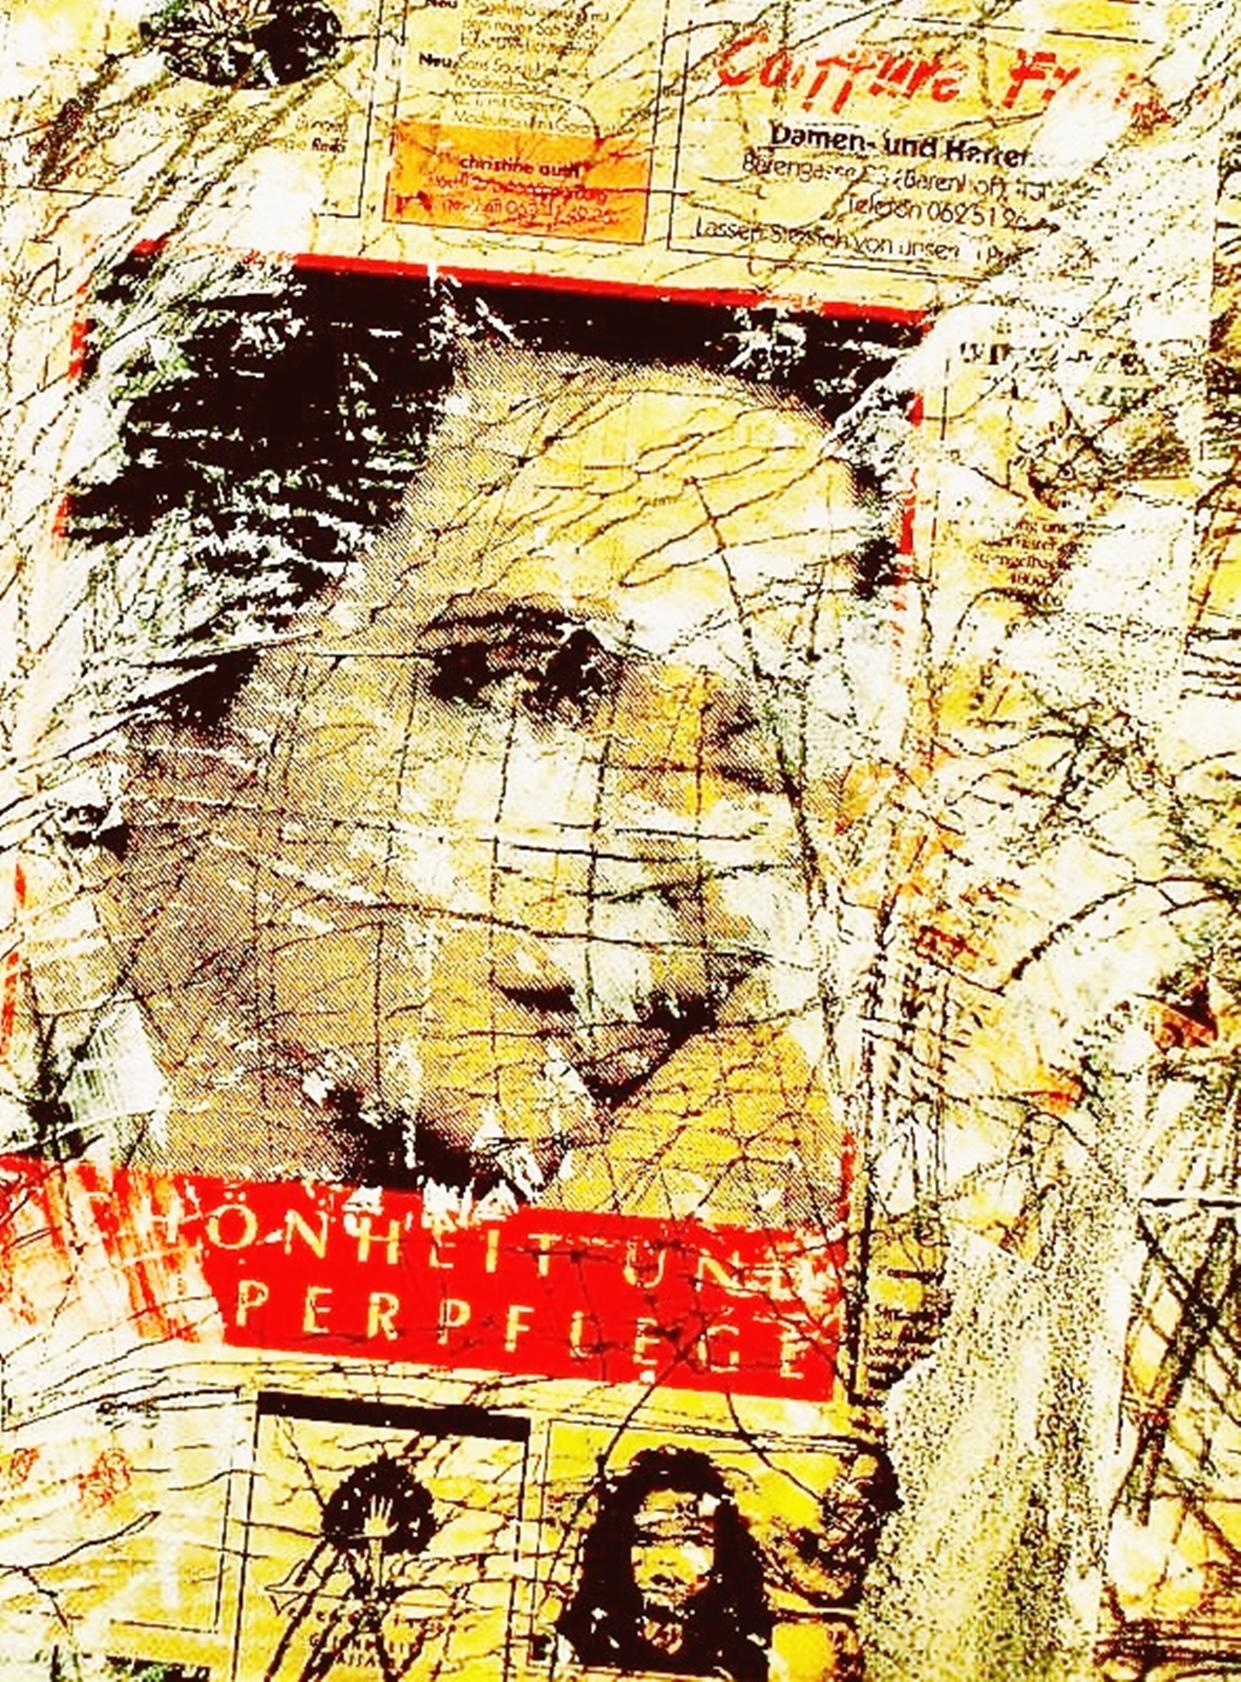 Pedro Meier Artist – »Mädchenkopf« – Zeitungspapier übermalt – Plakatabriss – Décollage – Mixed Media auf Papier, auf Leinwand – Foto © Pedro Meier Multimedia Artist – (Ateliers: Niederbipp – Olten – Bangkok – Thailand)